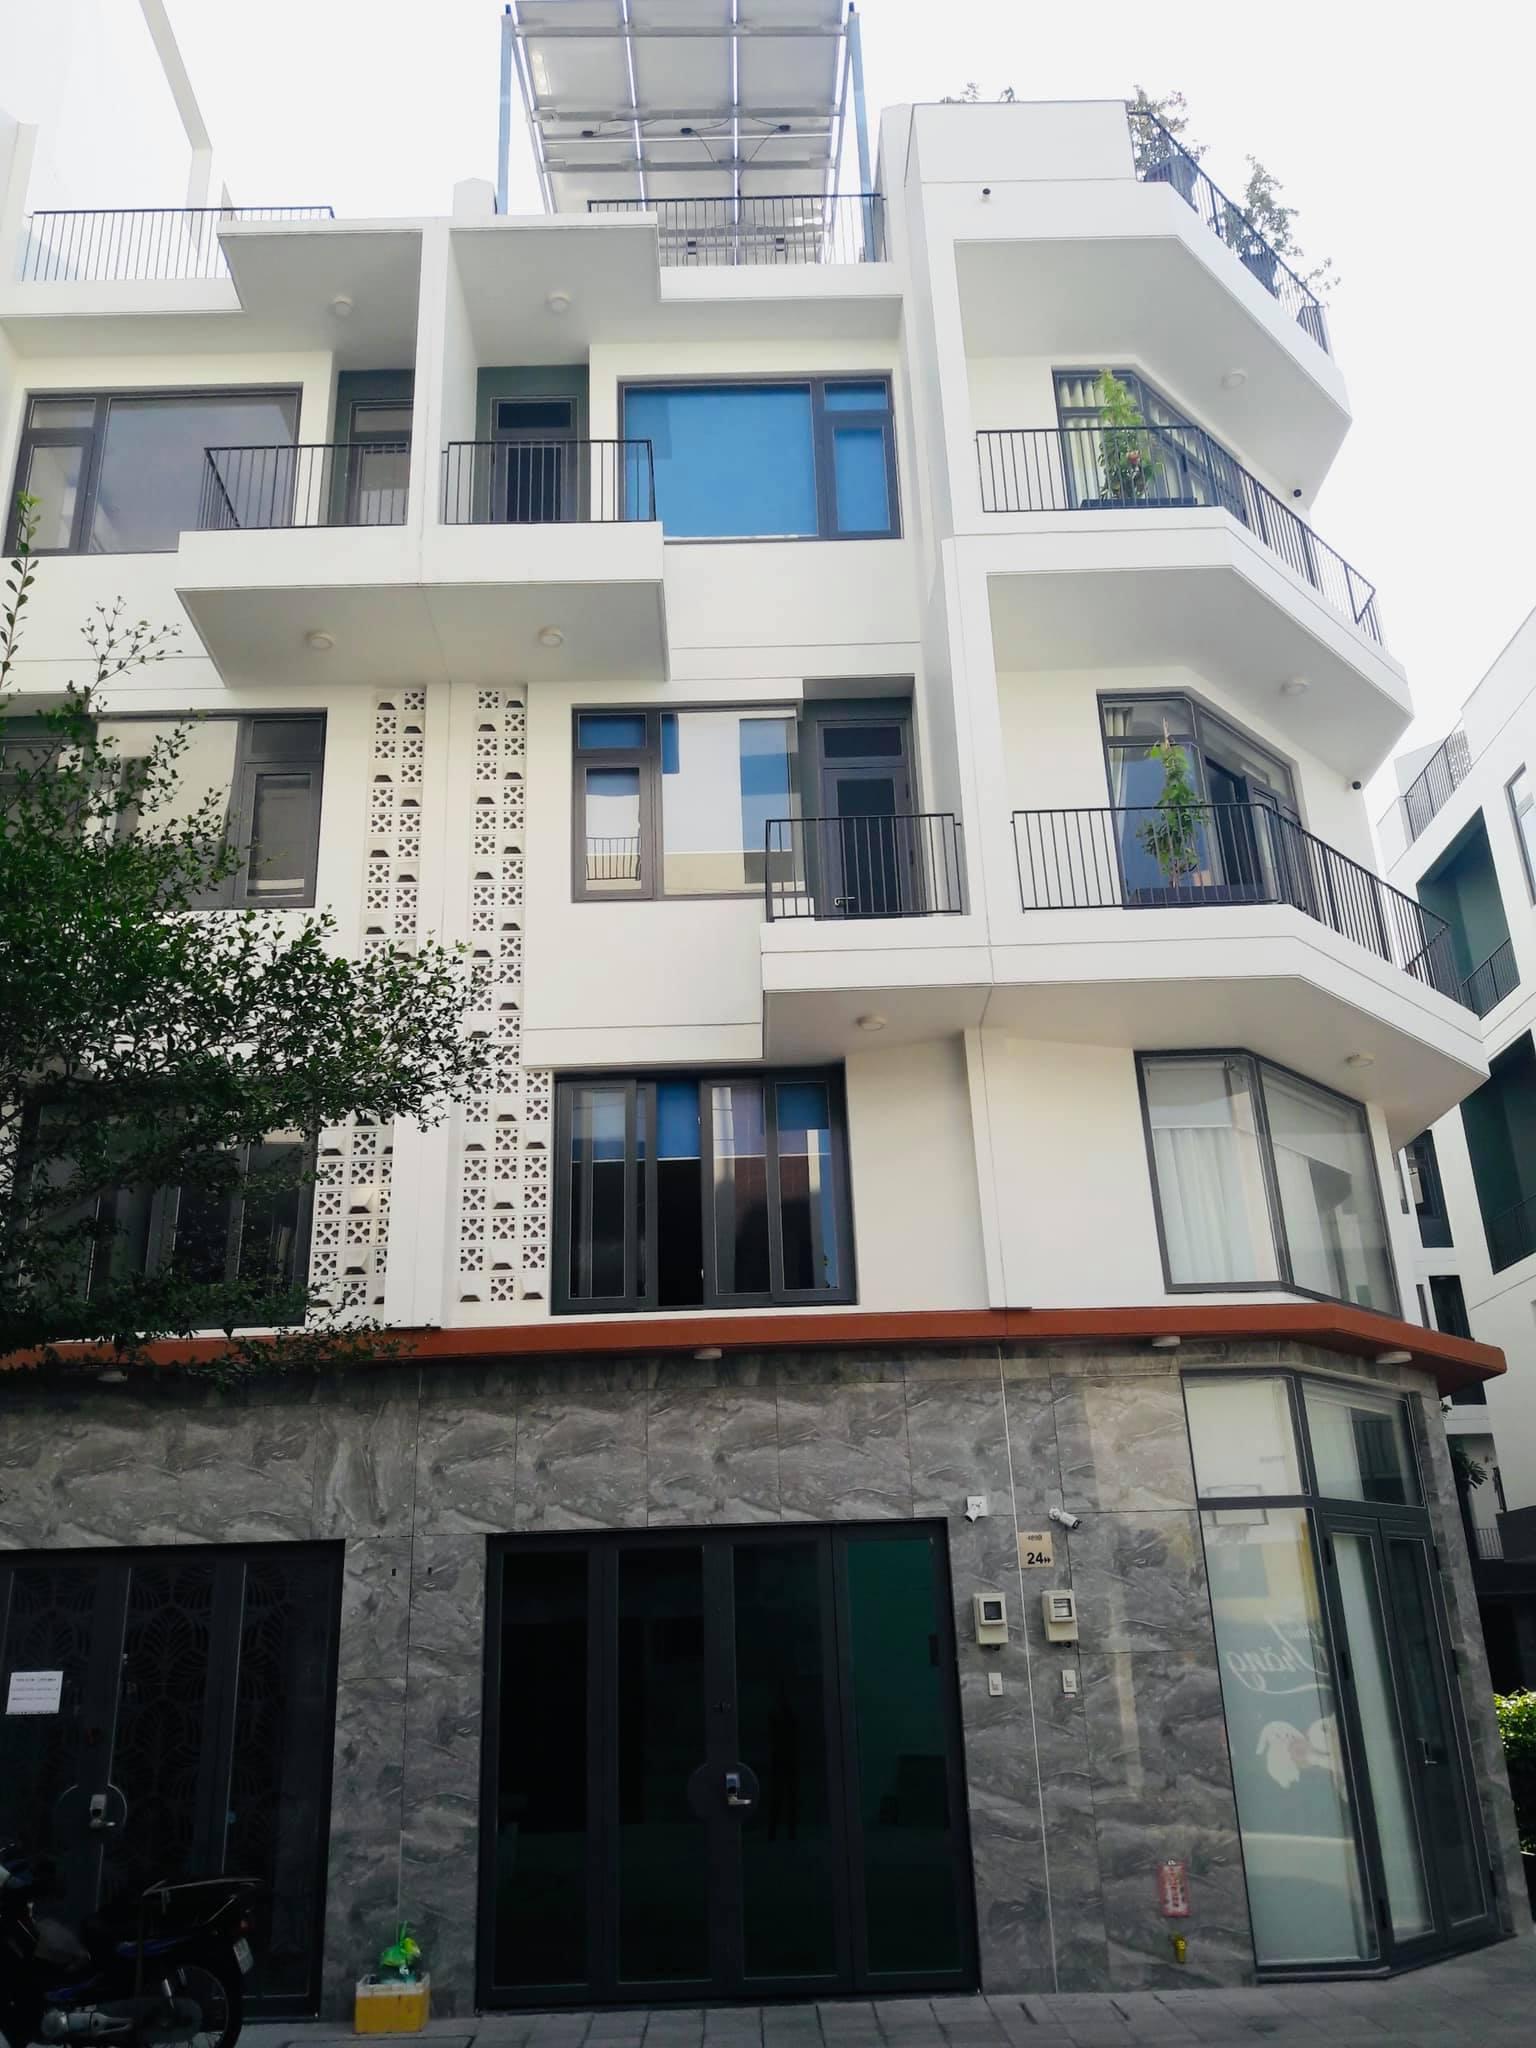 Bán Nhà khu dân cư HIM LAM khu nhà ở VIP Quận 6 – Gía 82 Tỷ